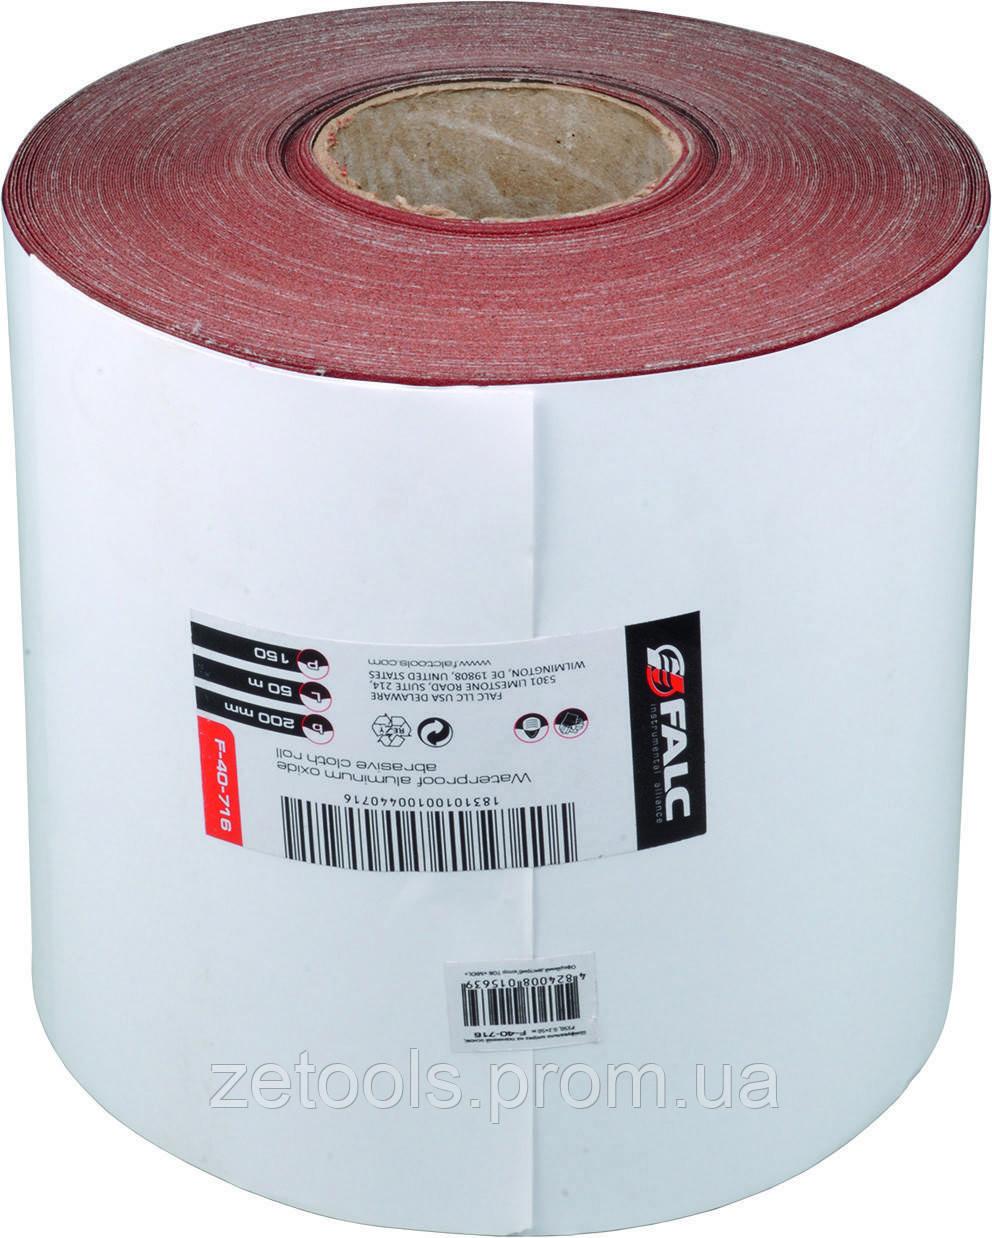 Шлифовальная шкурка на тканевой основе,рулон 200ммx50м Miol F-40-710